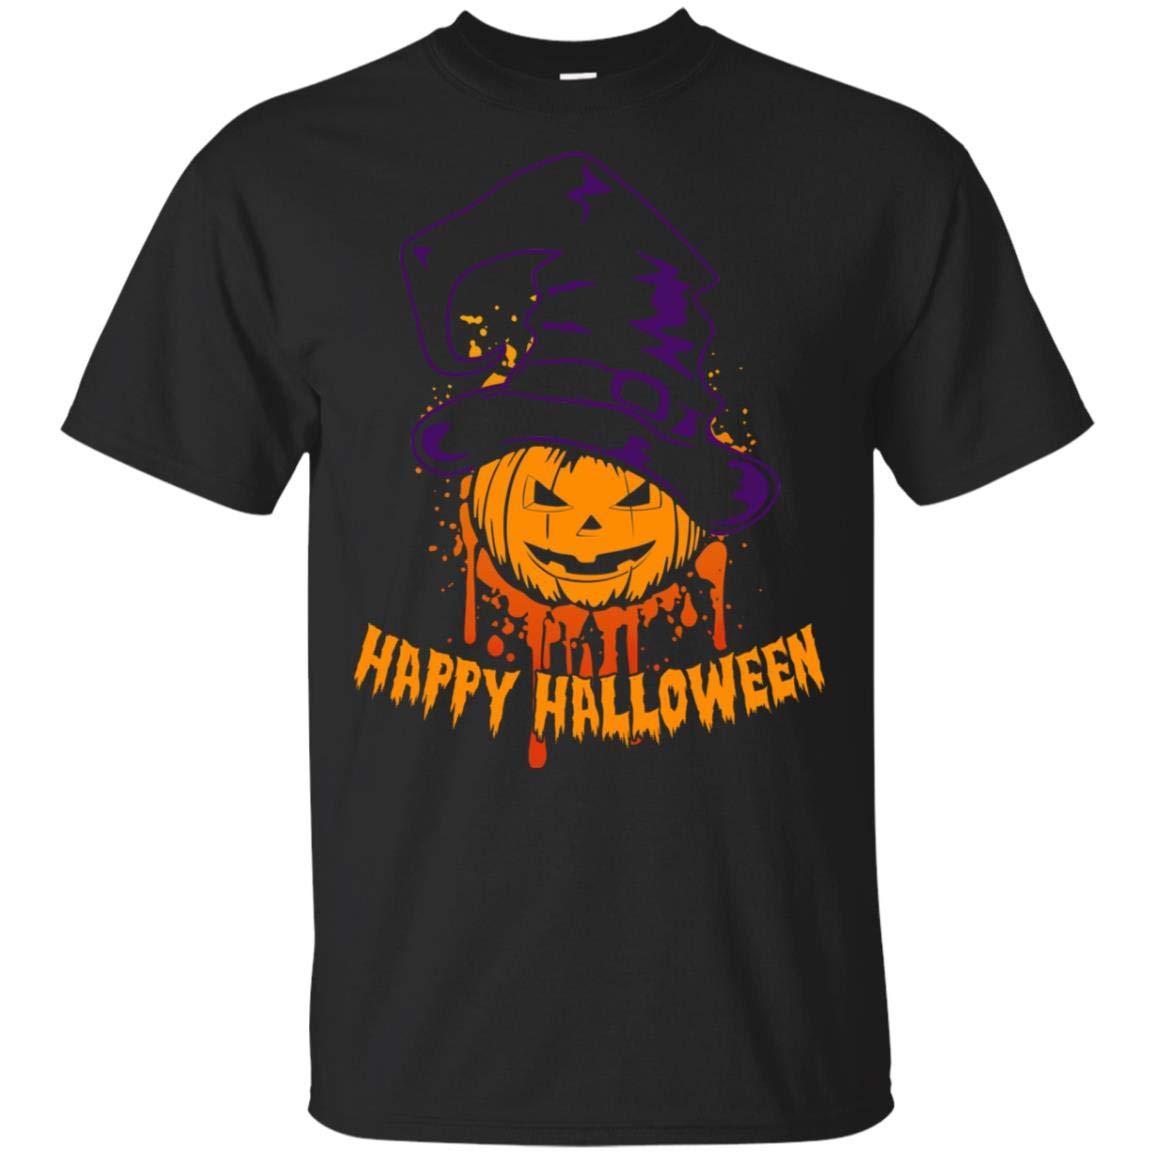 Happy Halloween Pumpkin T Shirt Halloween